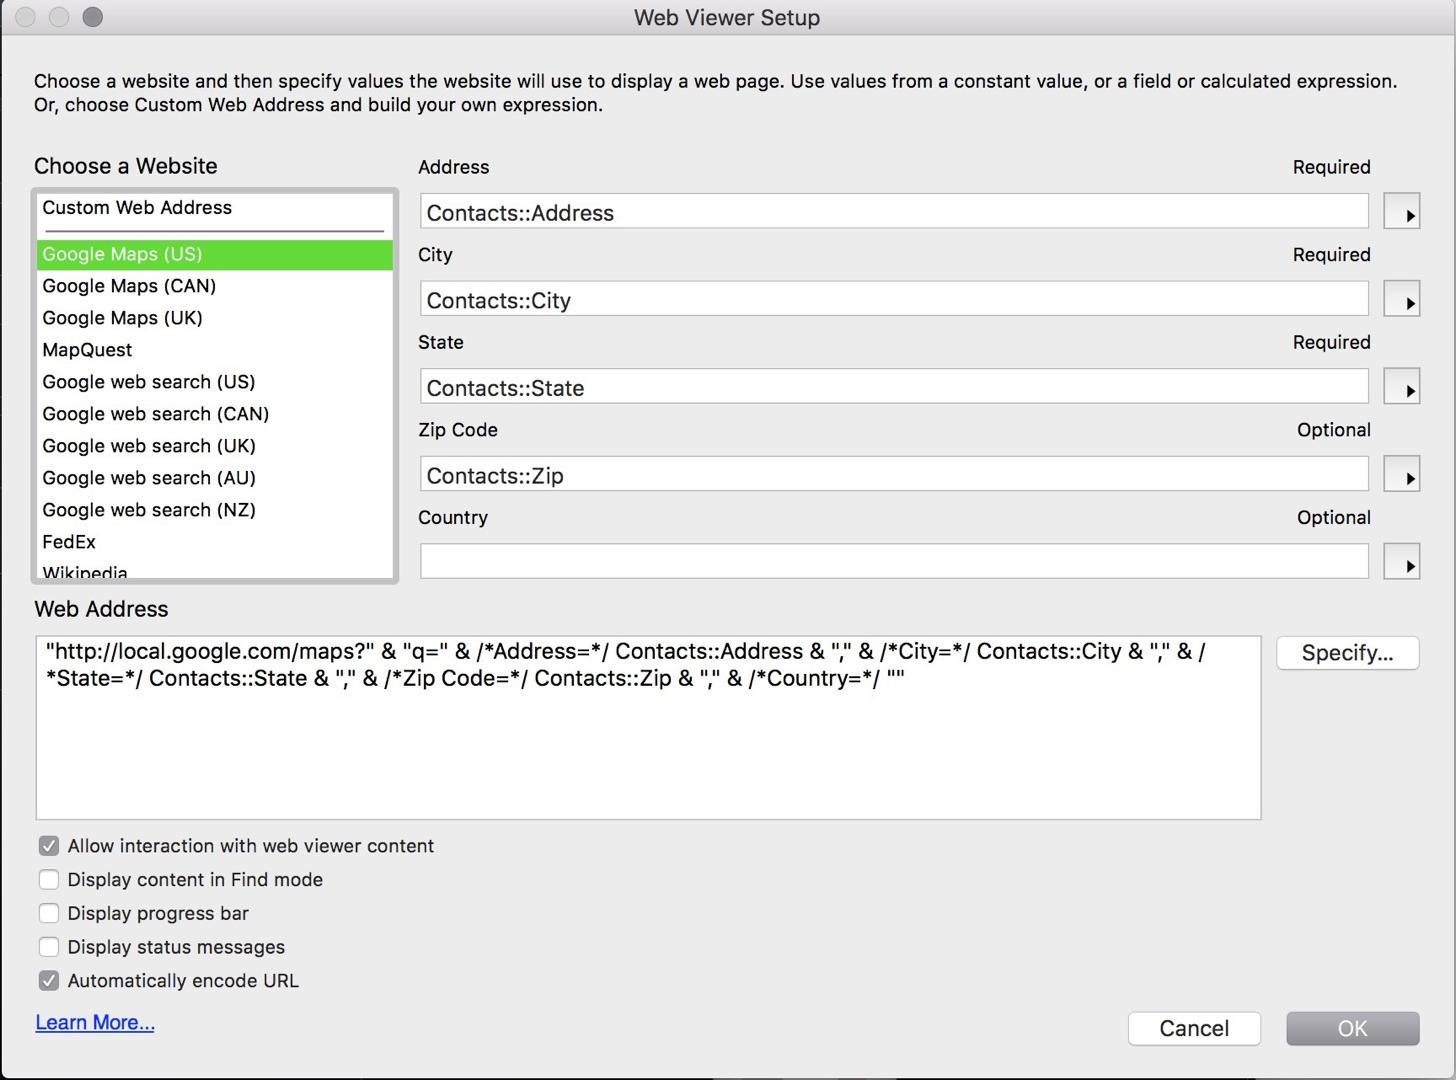 Webviewer Setup